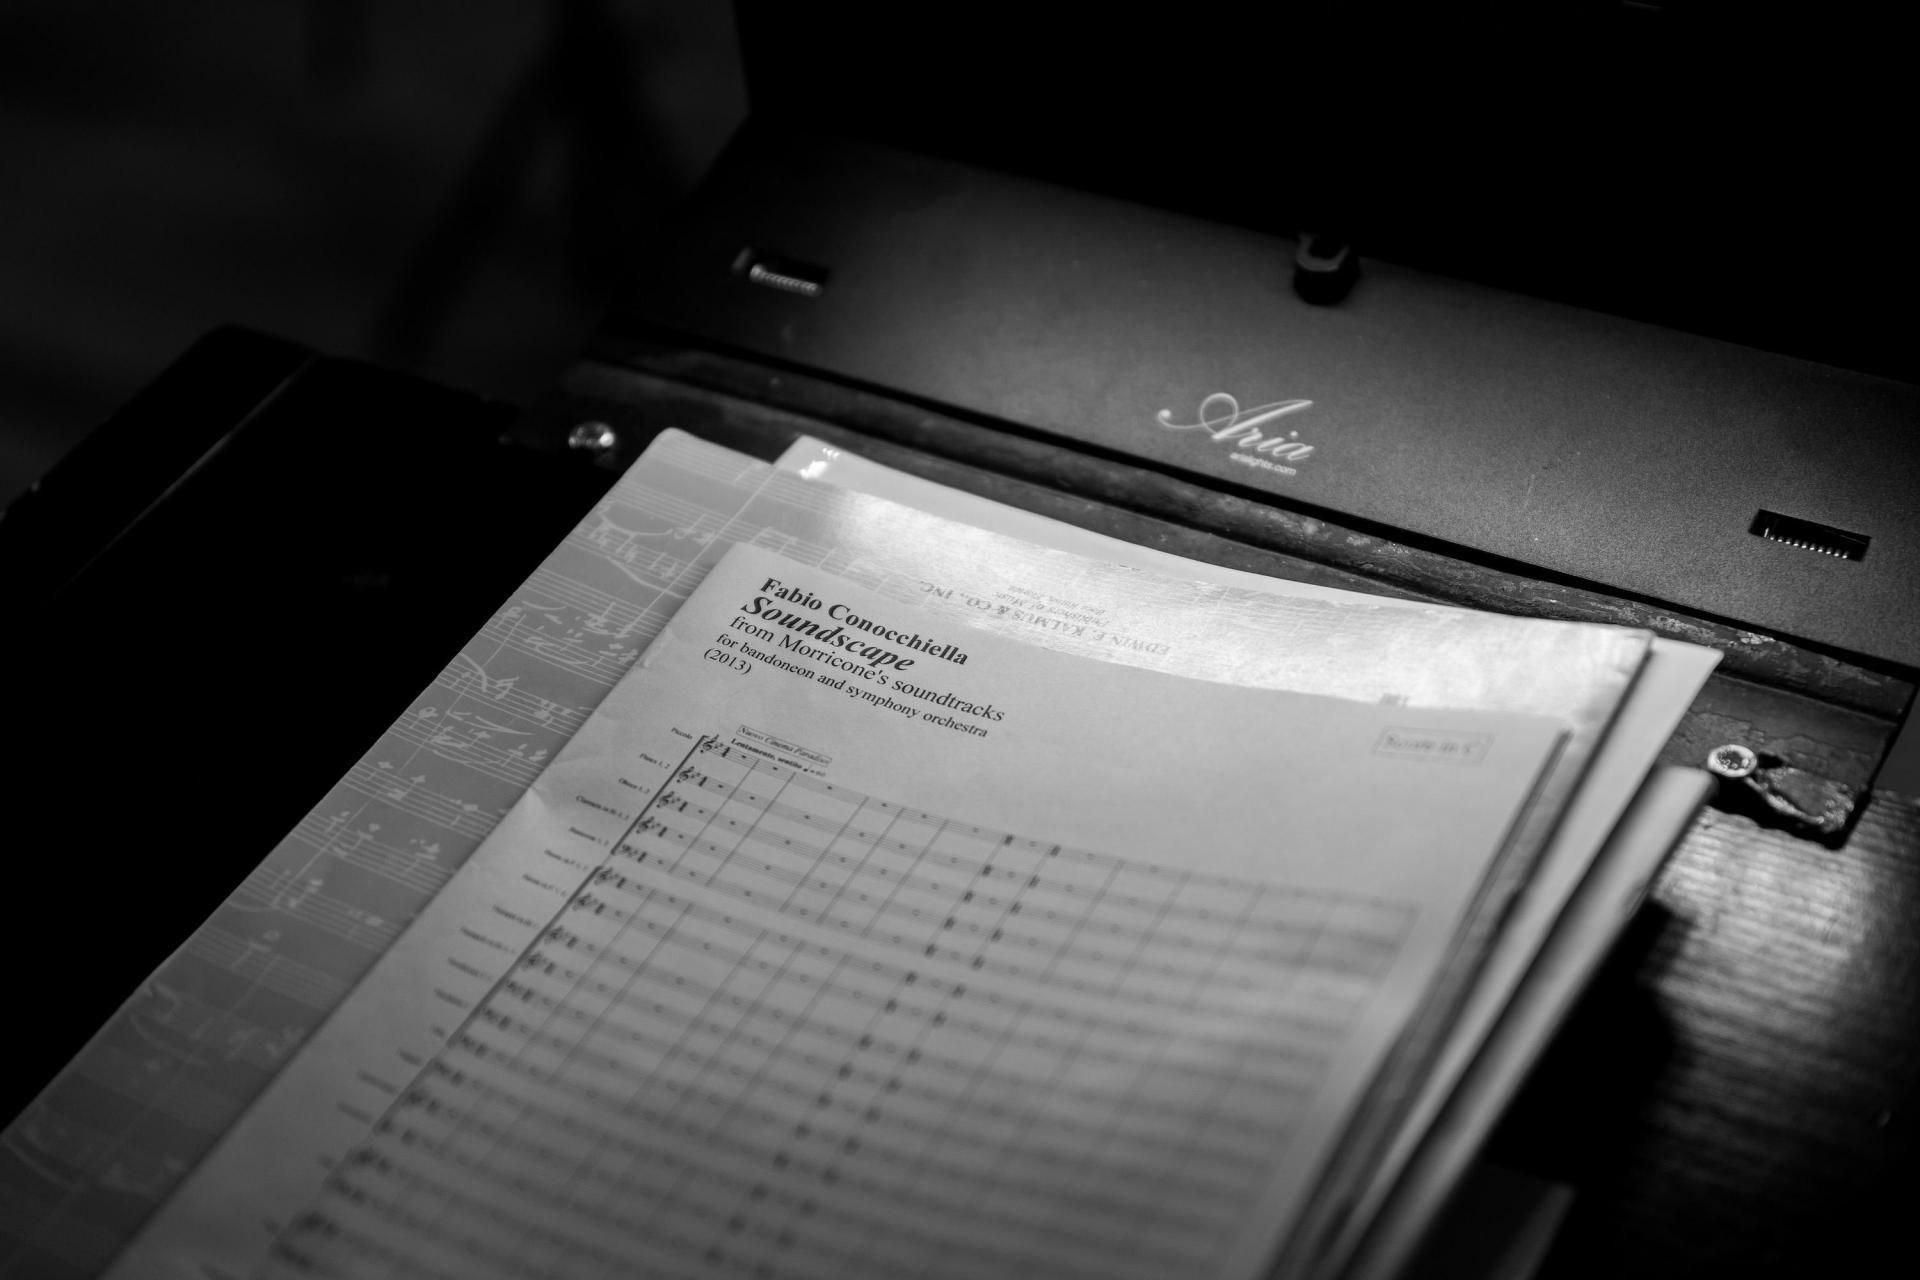 Fabio Conochiella's musical fusion of some of Morricone's film scores.